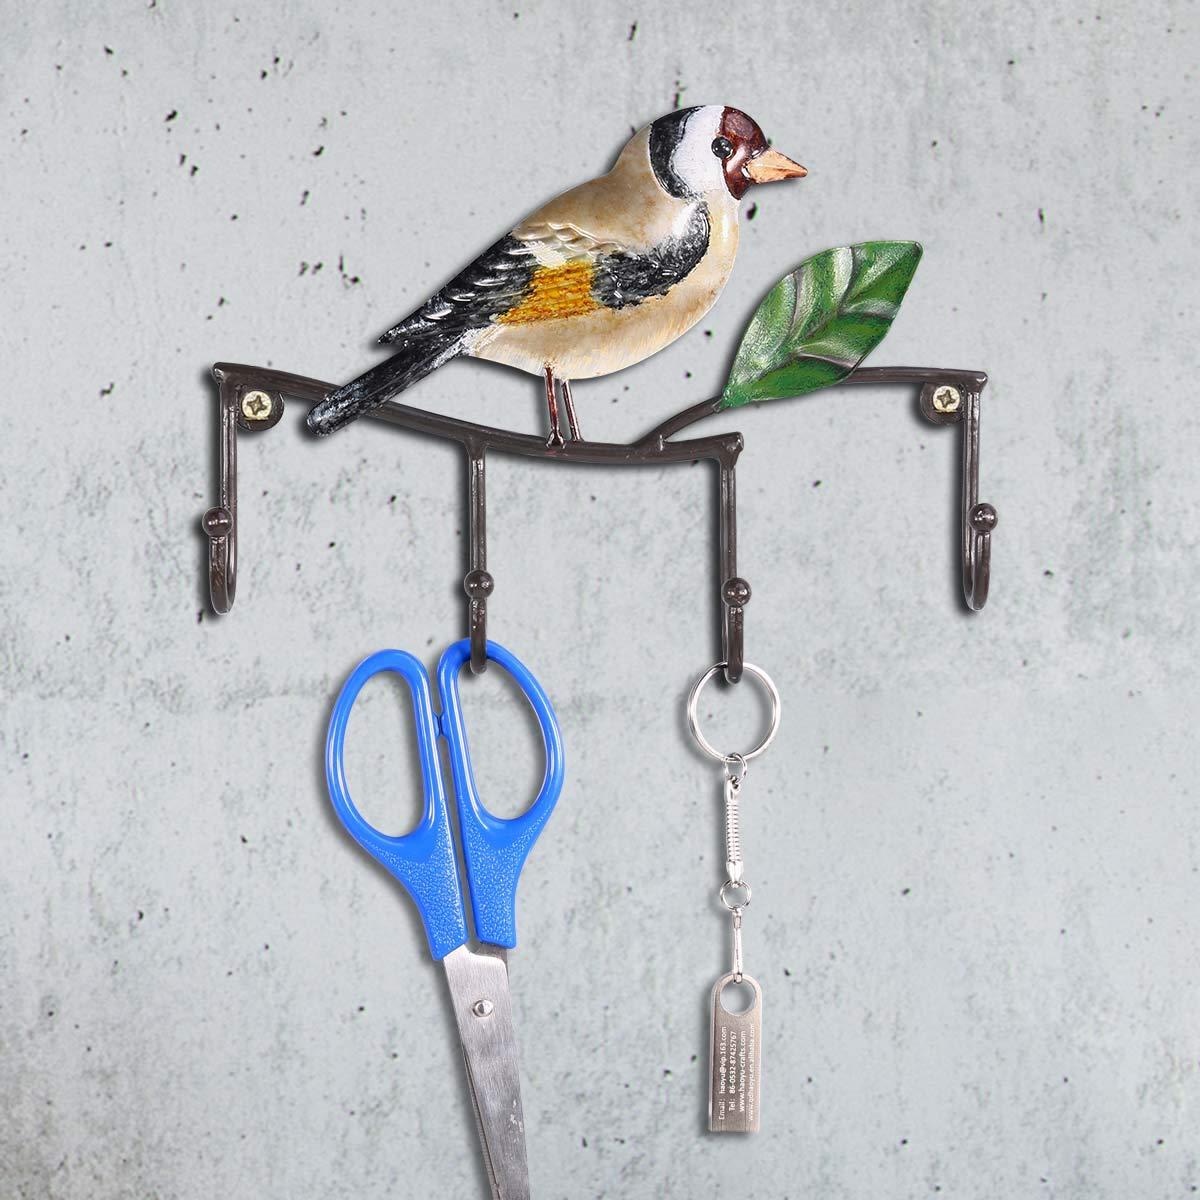 Hat Coat Hanger Hook Door Tooart Hook Over Door Hanger Bird Wall Hook Hierro Wall Manger Wall Mounted Coat Key Hat Hanger con 4 Ganchos